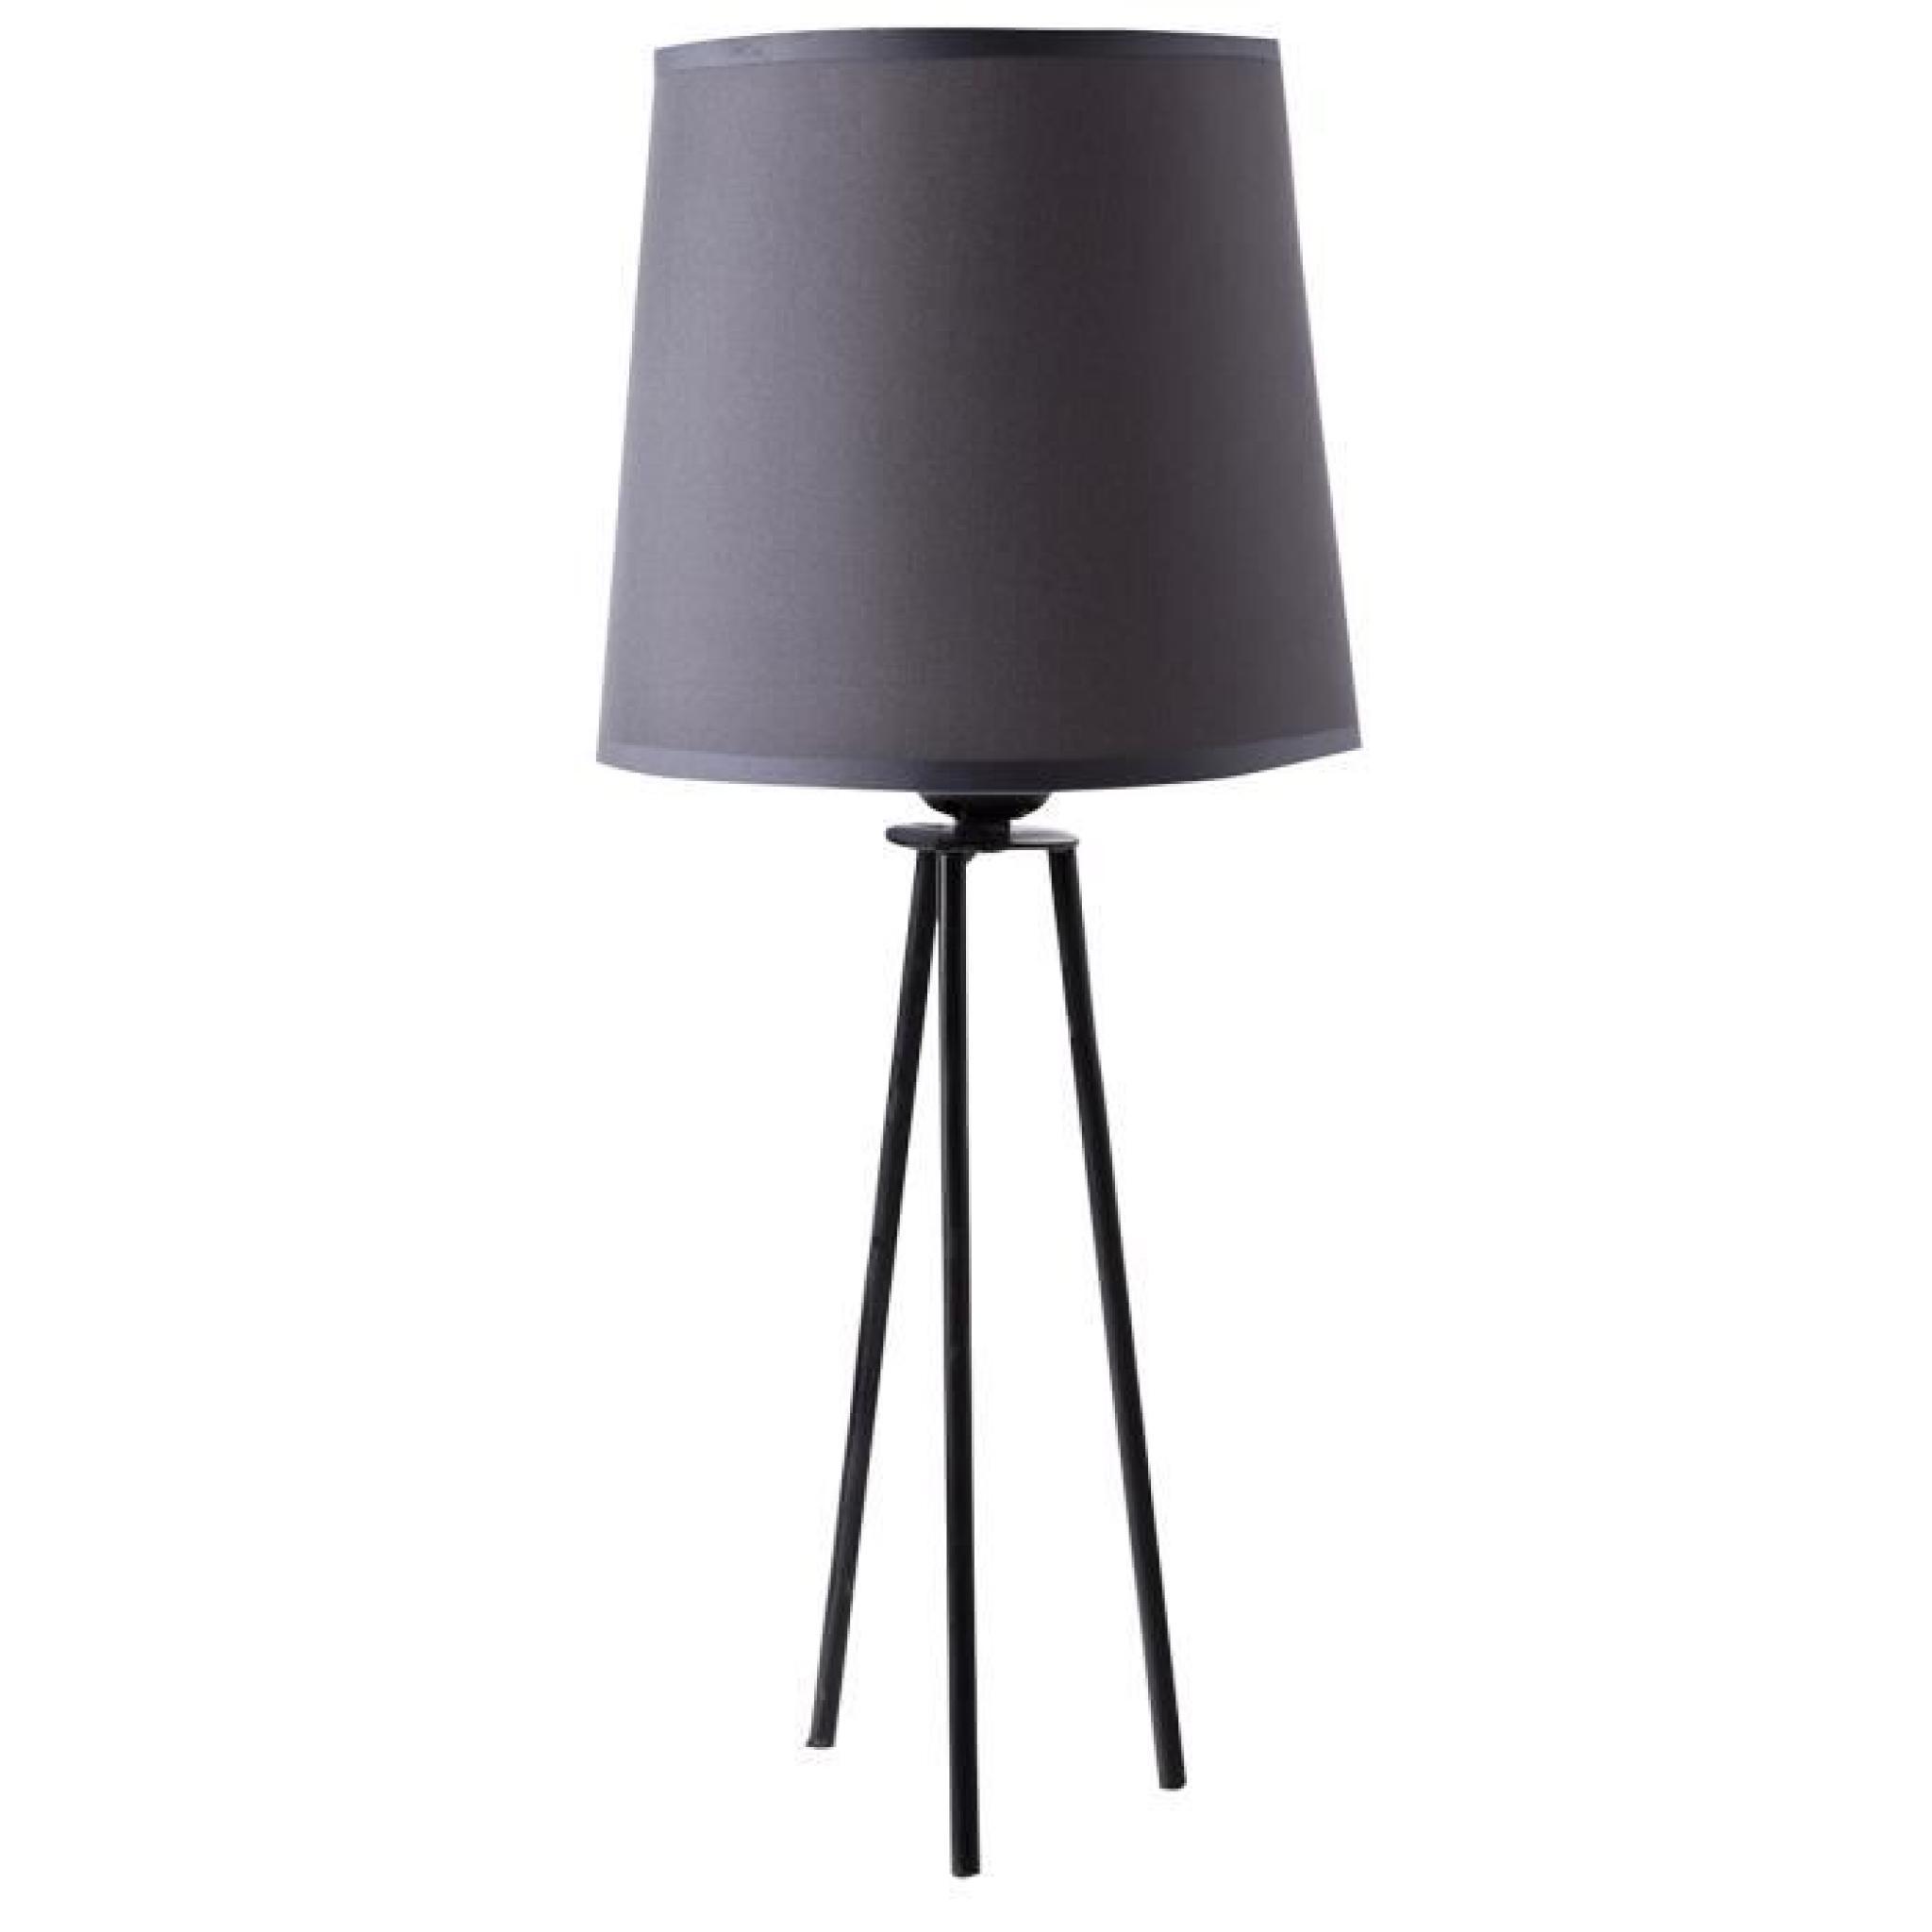 Lampe trépied métal abat jour gris 20x20x44cm